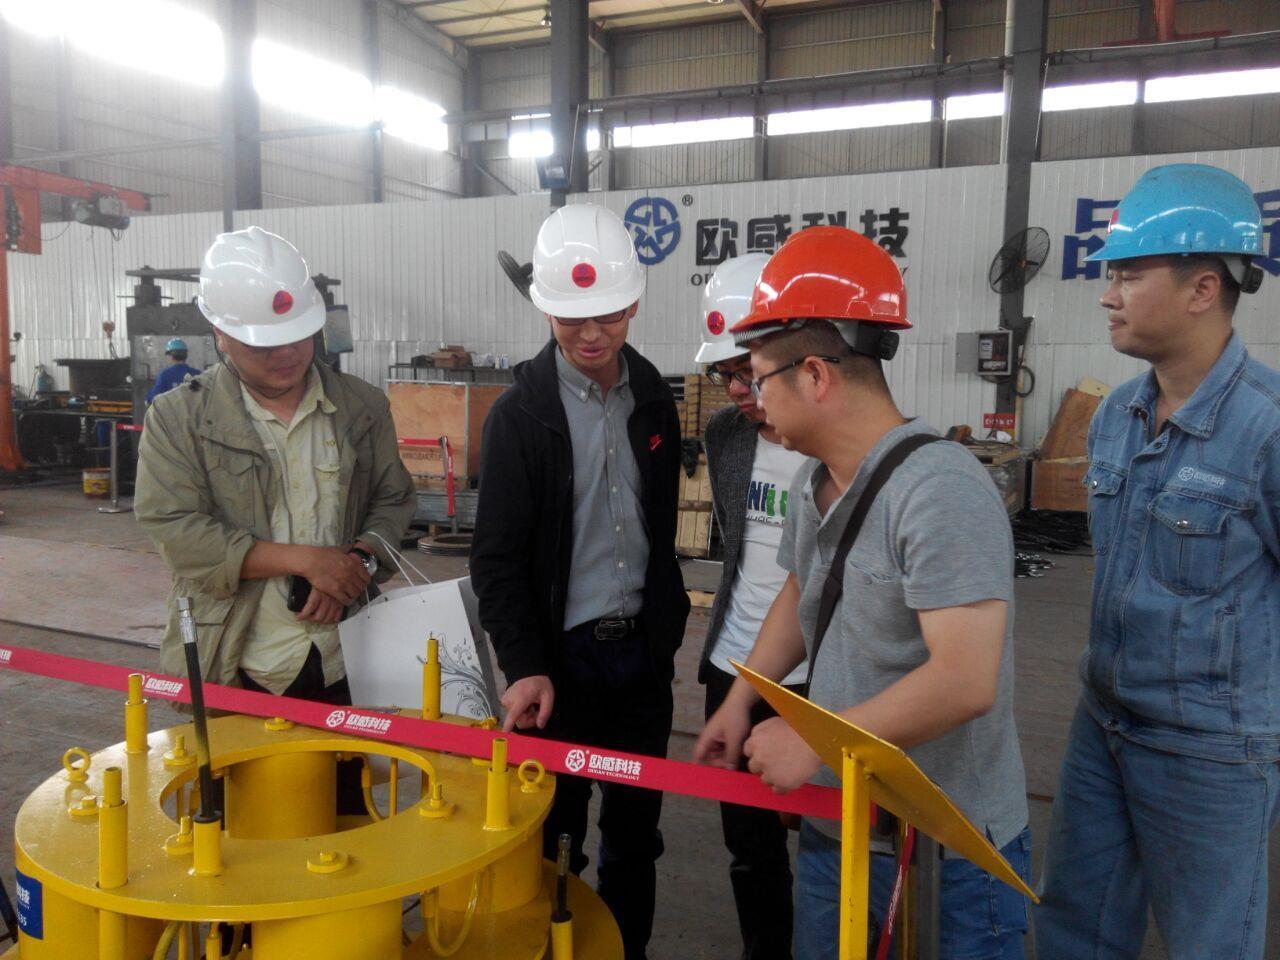 云南省自平衡法地方规程专家组展开热议-欧感荷载箱